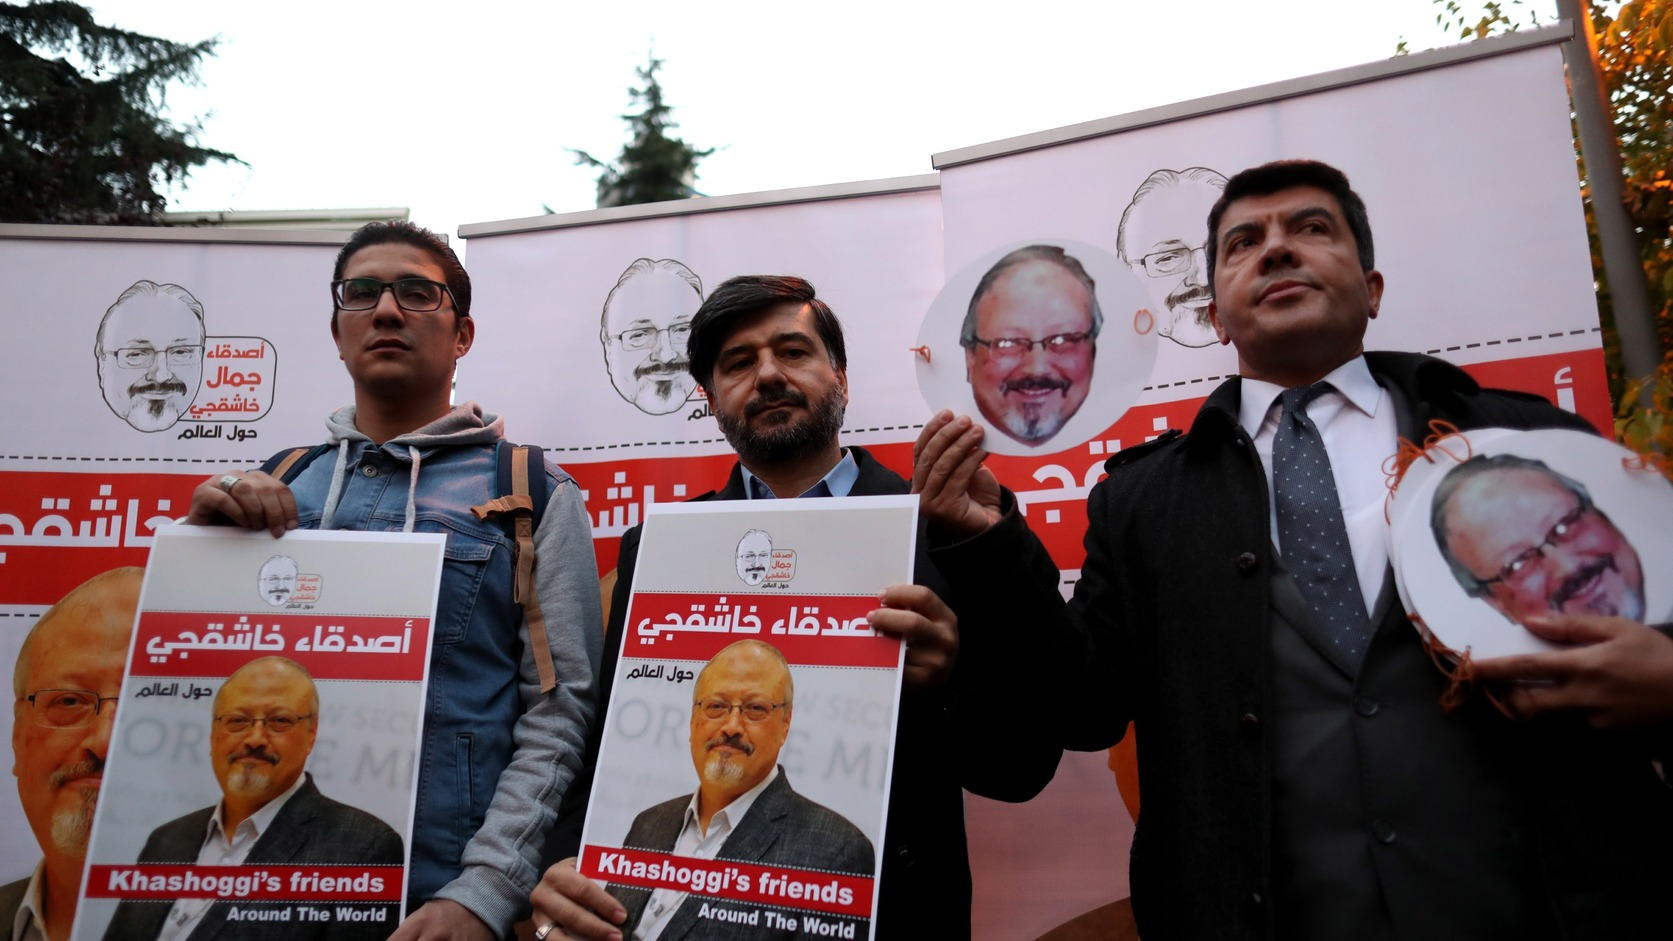 Isztambul, 2018. október 25. Dzsamál Hasogdzsi szaúd-arábiai újságíró portréjával tiltakoznak az újságíró meggyilkolása ellen Szaúd-Arábia törökországi konzulátusánál Isztambulban (MTI/EPA/Erdem Sahin)